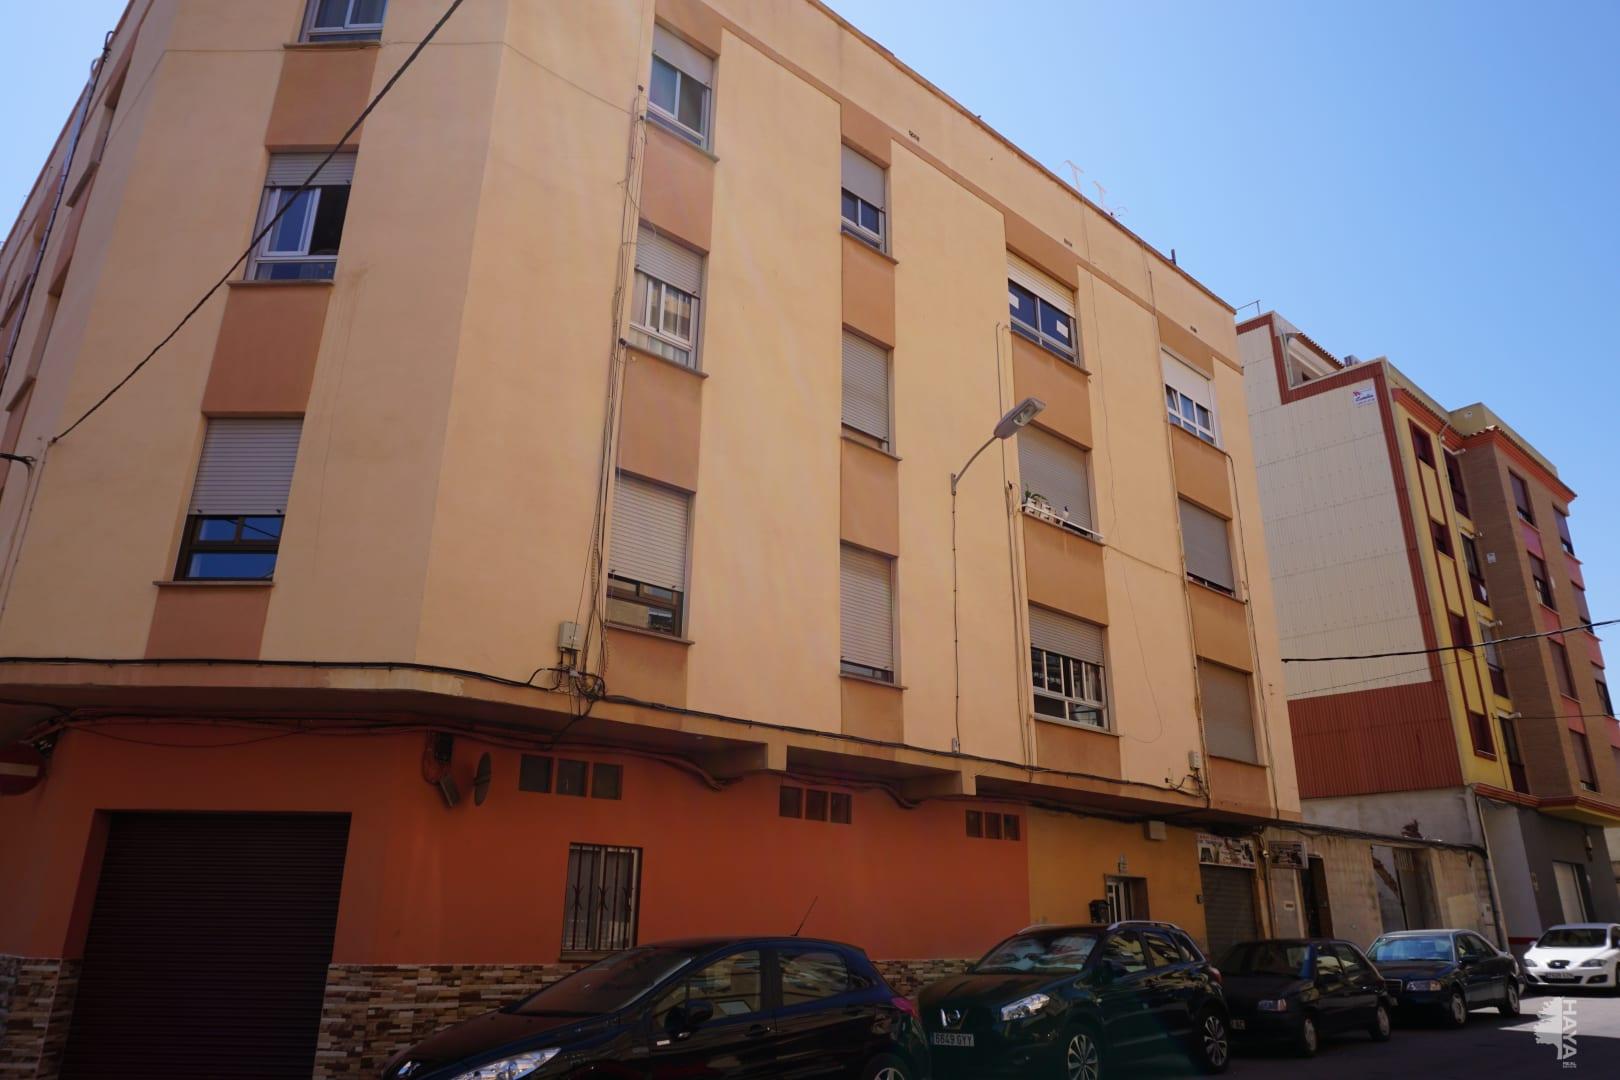 Piso en venta en Poblados Marítimos, Burriana, Castellón, Calle Finello, 58.700 €, 3 habitaciones, 1 baño, 100 m2